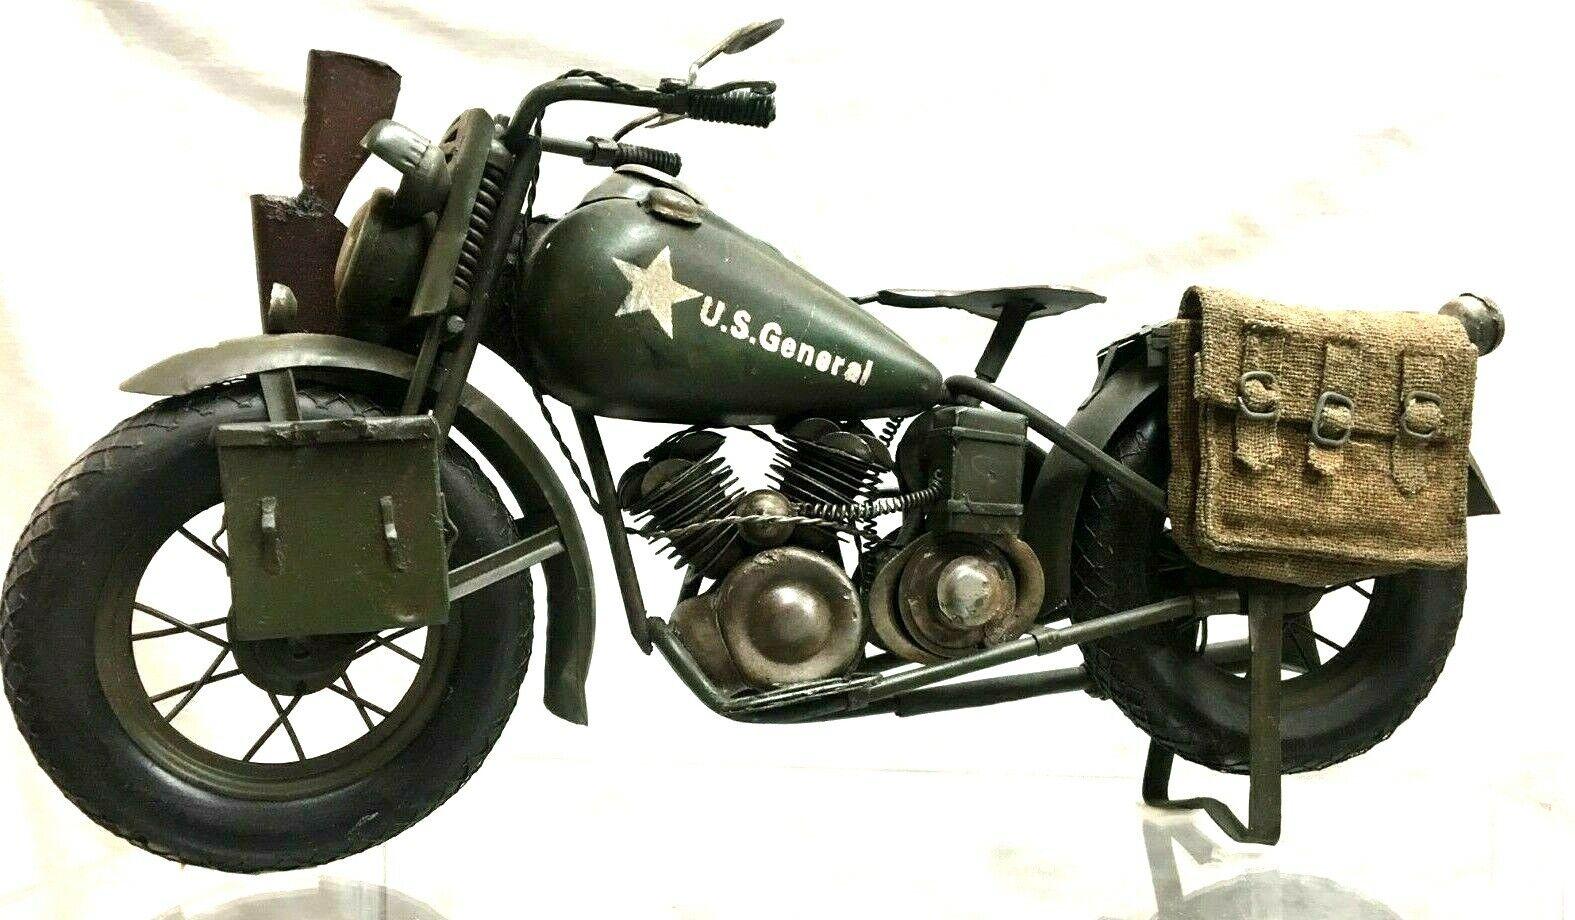 1 35 Costruzione Ww2 Us Army Harley Davidson Wla Motocicletta Lotto di Piccolo